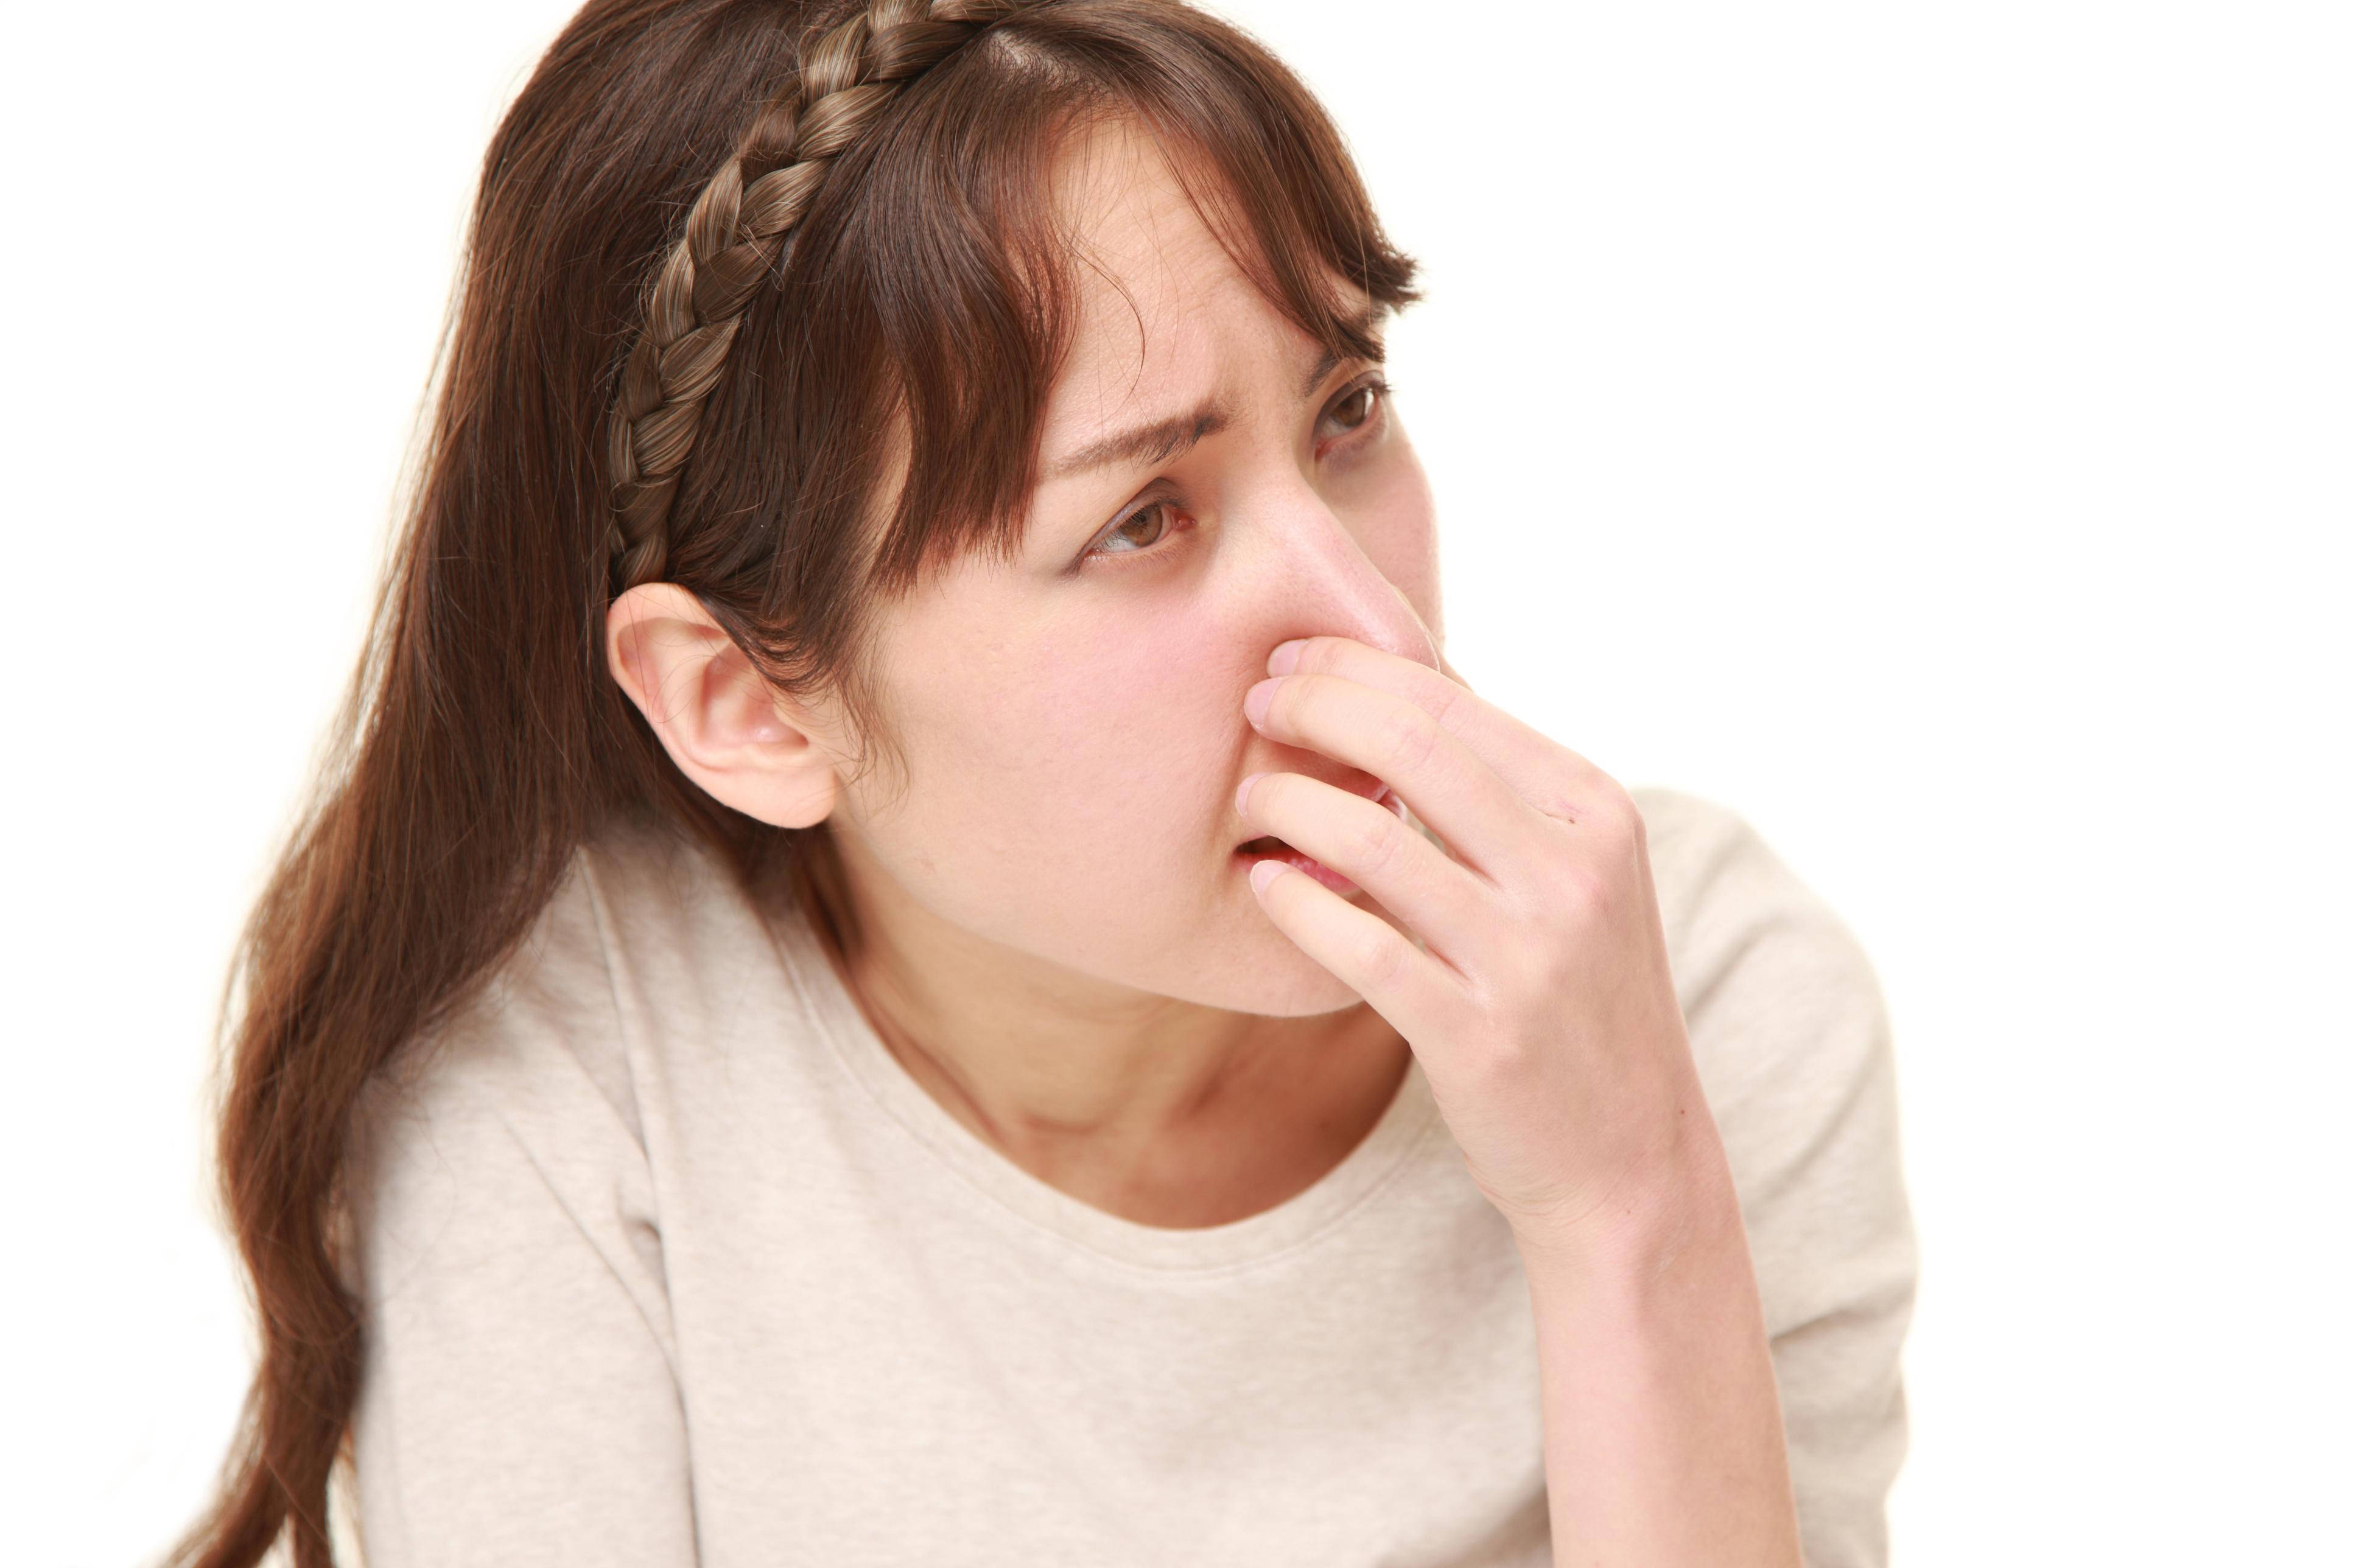 nagyon rossz szagom van parazitáktól származó nyers táplálkozók